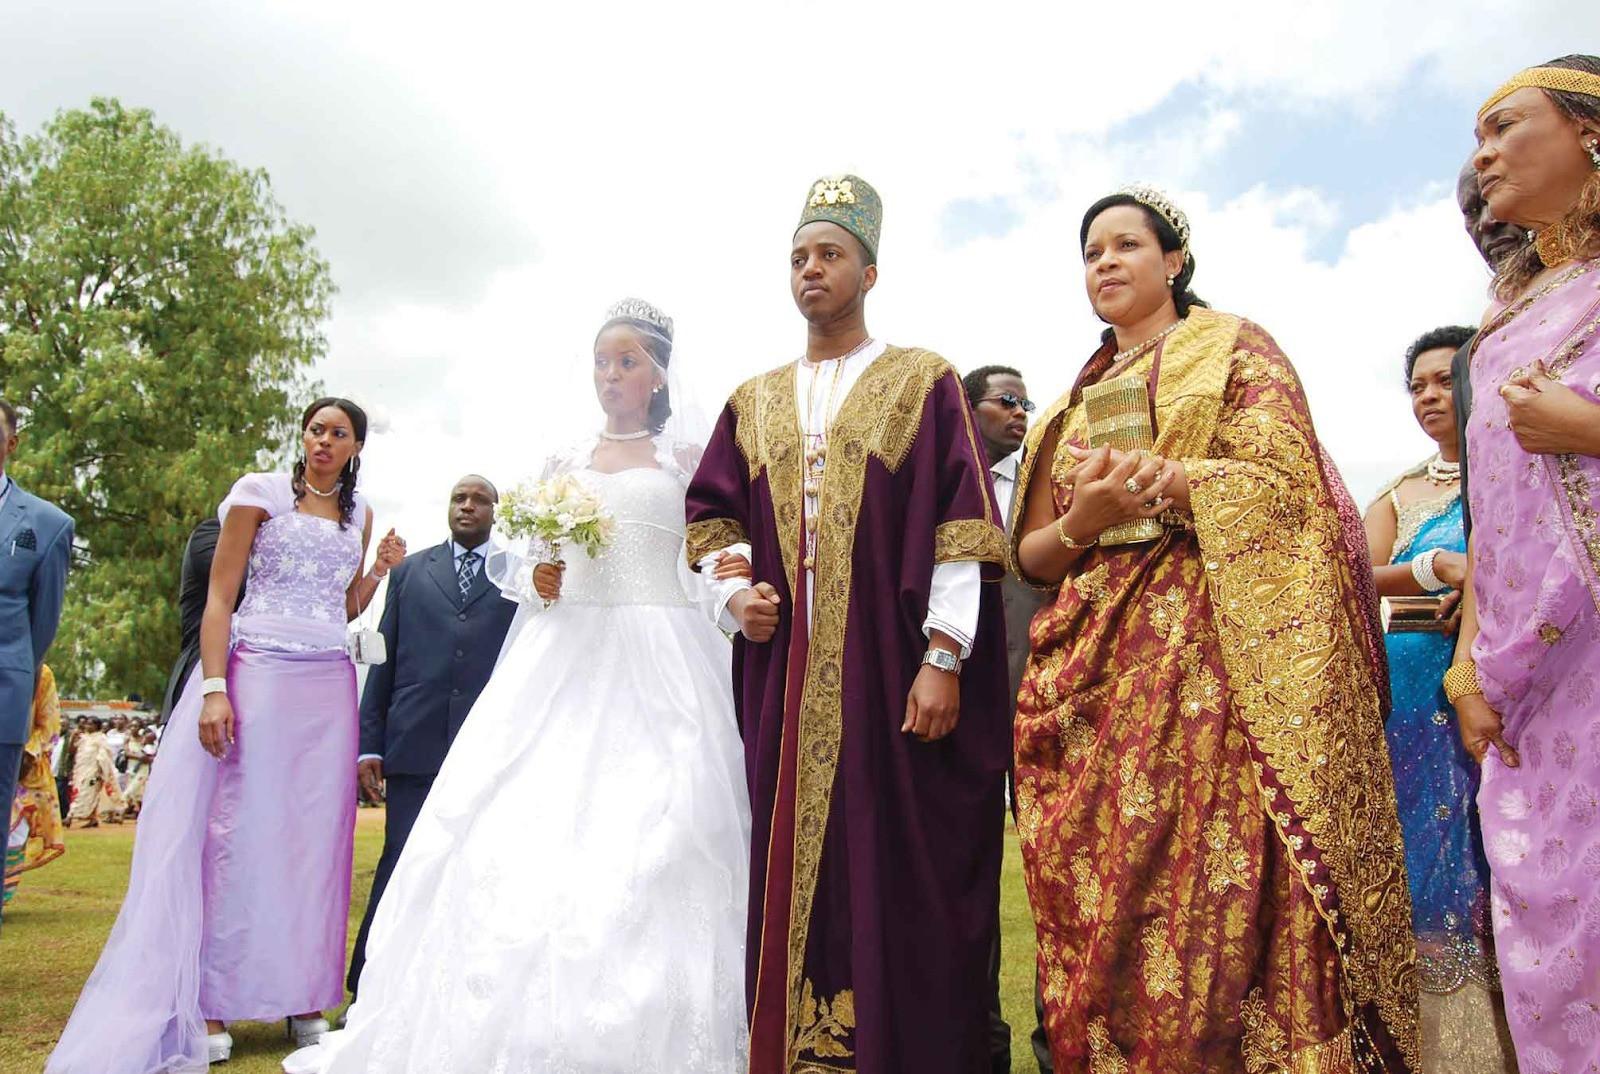 Đâu chỉ có Meghan Markle, lịch sử thế giới còn lưu danh rất nhiều nàng dâu, chàng rể ngoại quốc kết hôn với thành viên Hoàng gia - Ảnh 8.